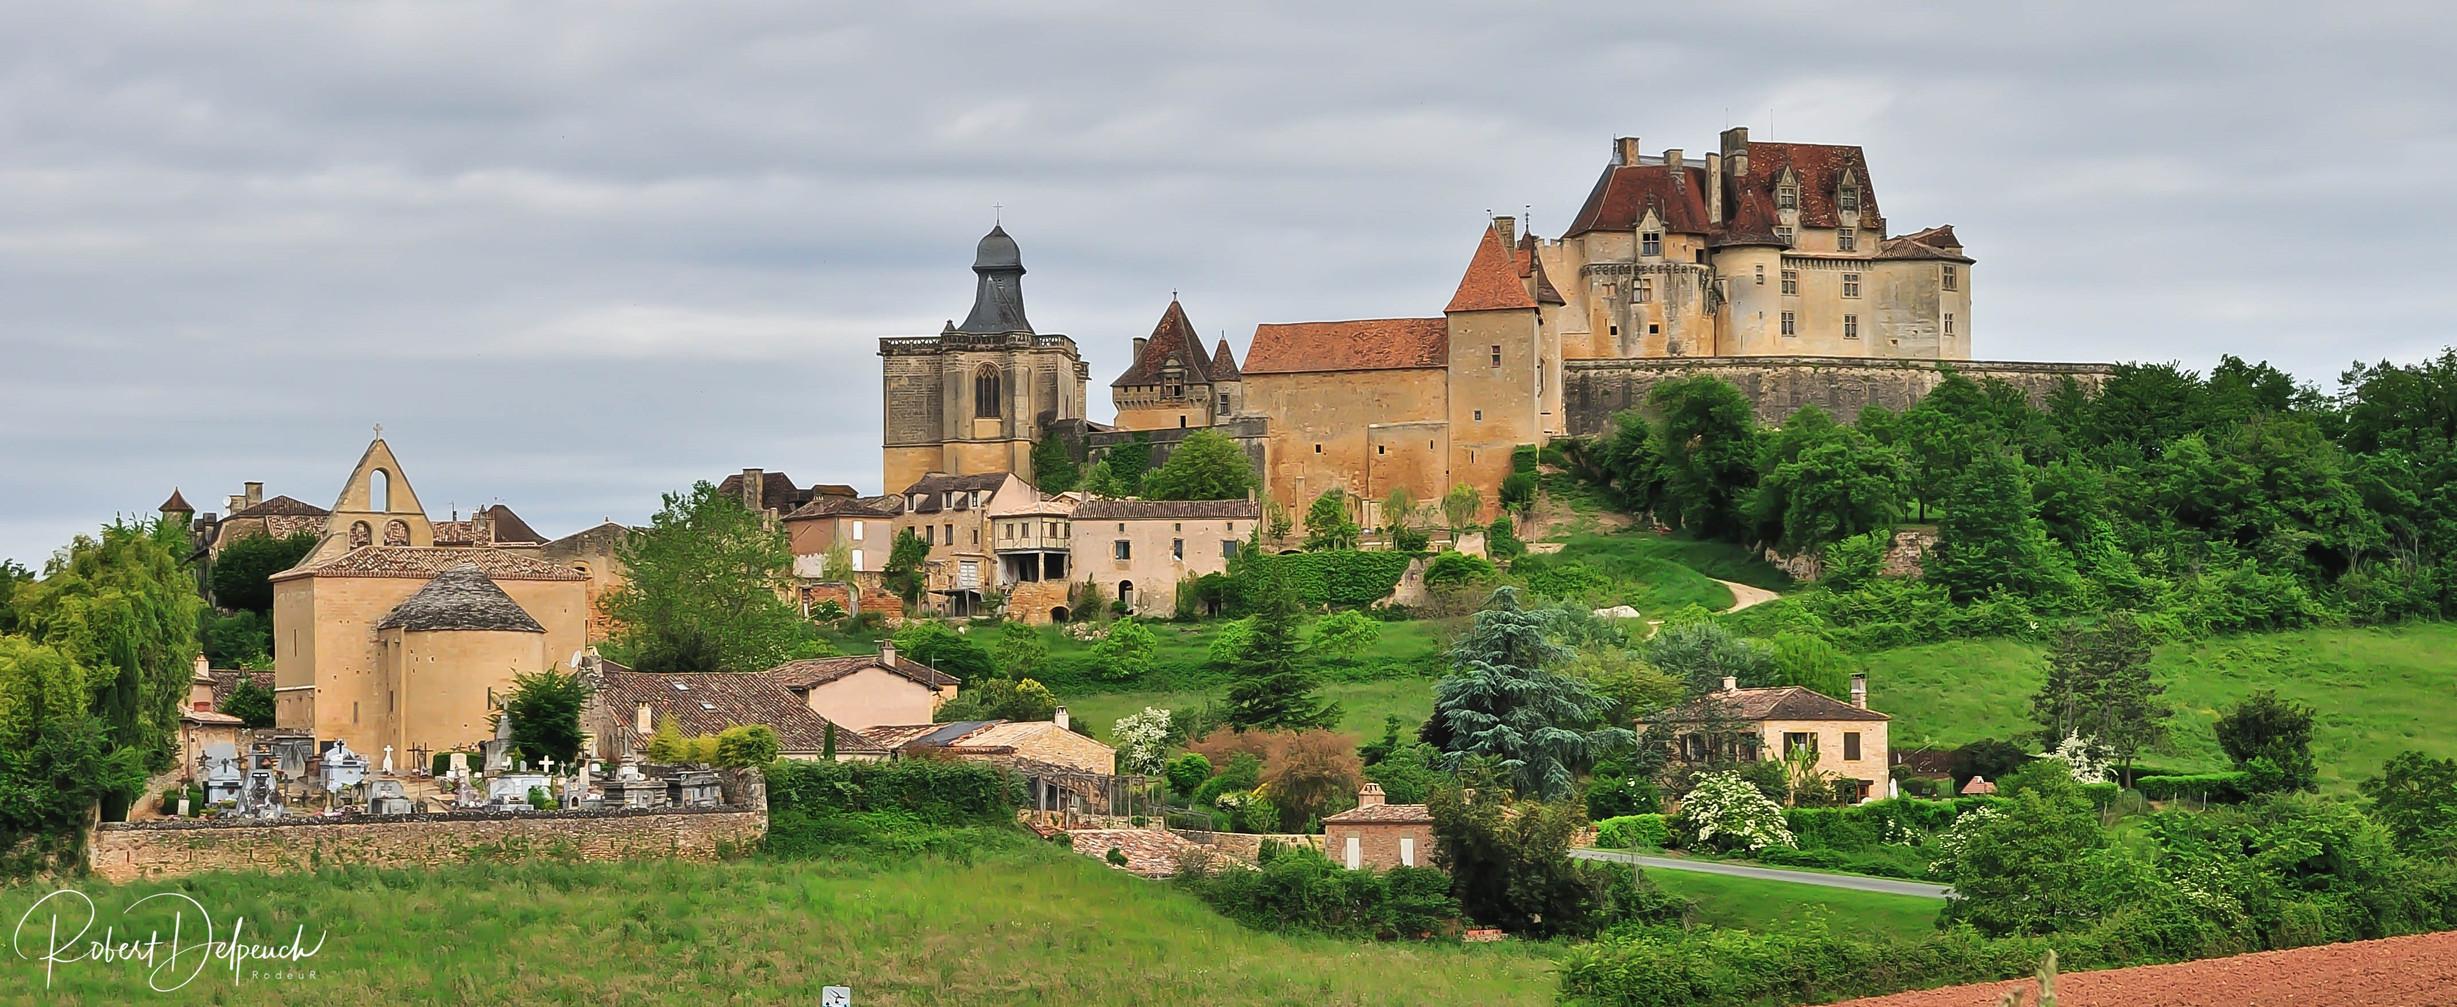 Village et château de Biron